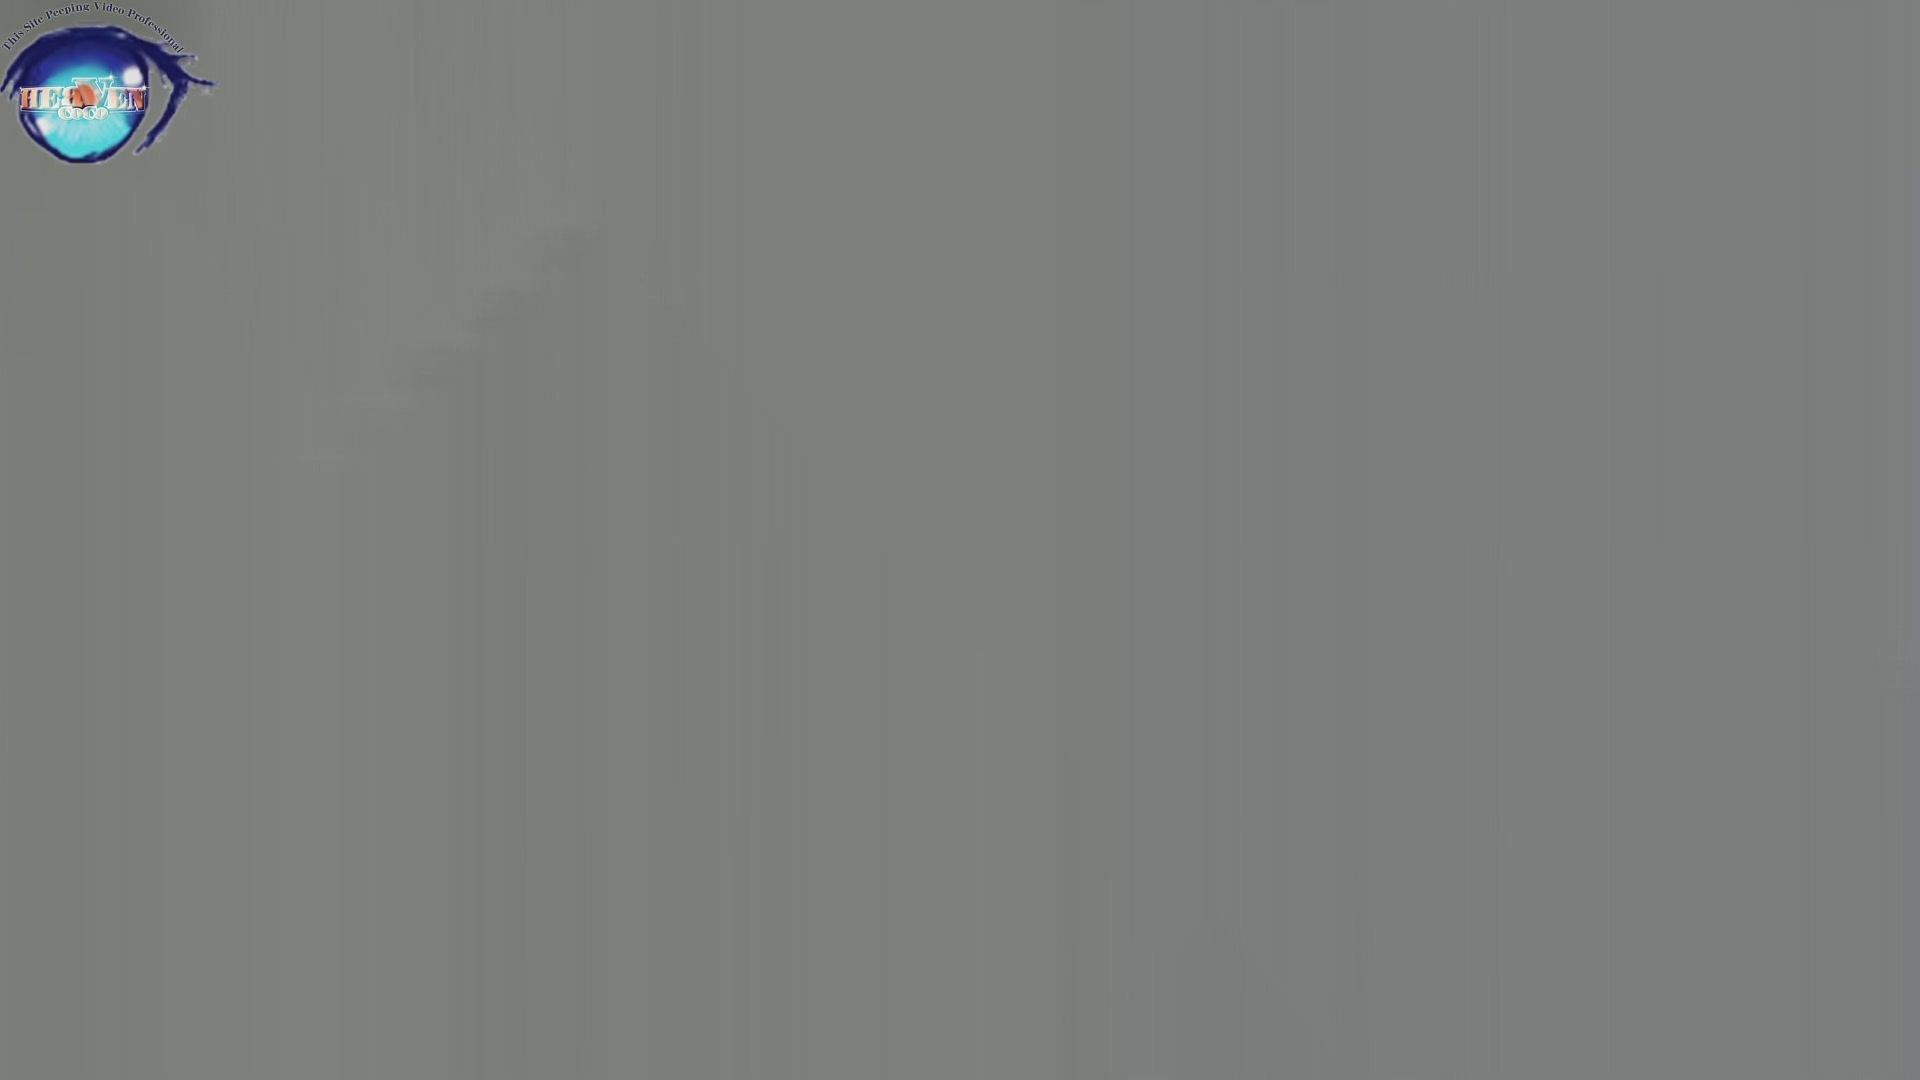 洗面所突入レポート!!お銀 vol.67 新たな場所への挑戦が始まる!!後編 OLエロ画像  49PICs 45